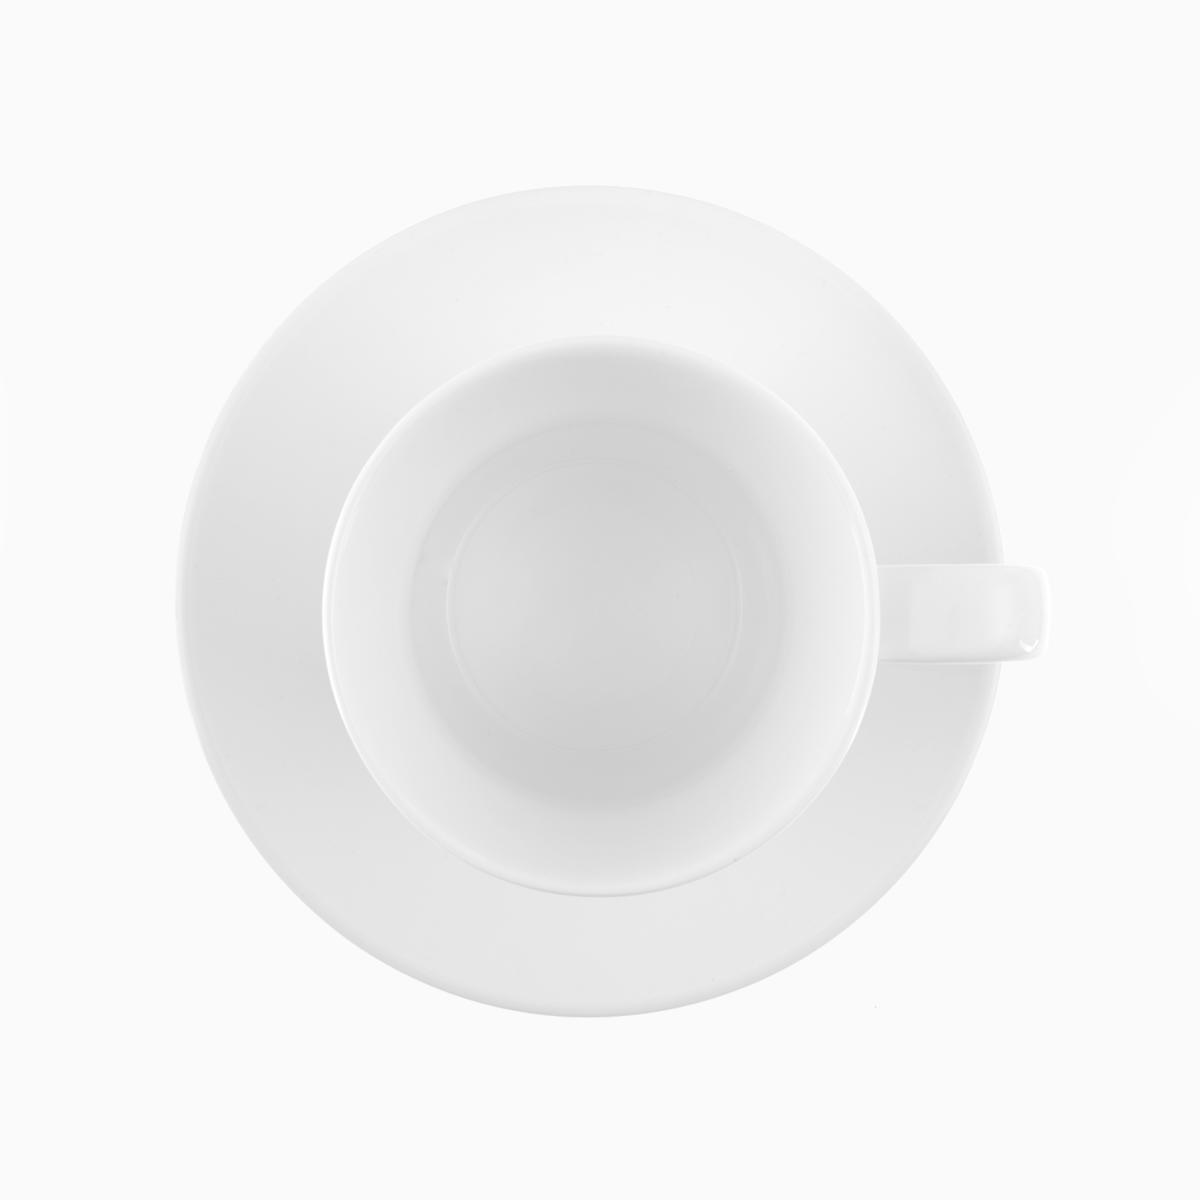 Kaffeeuntertasse konisch